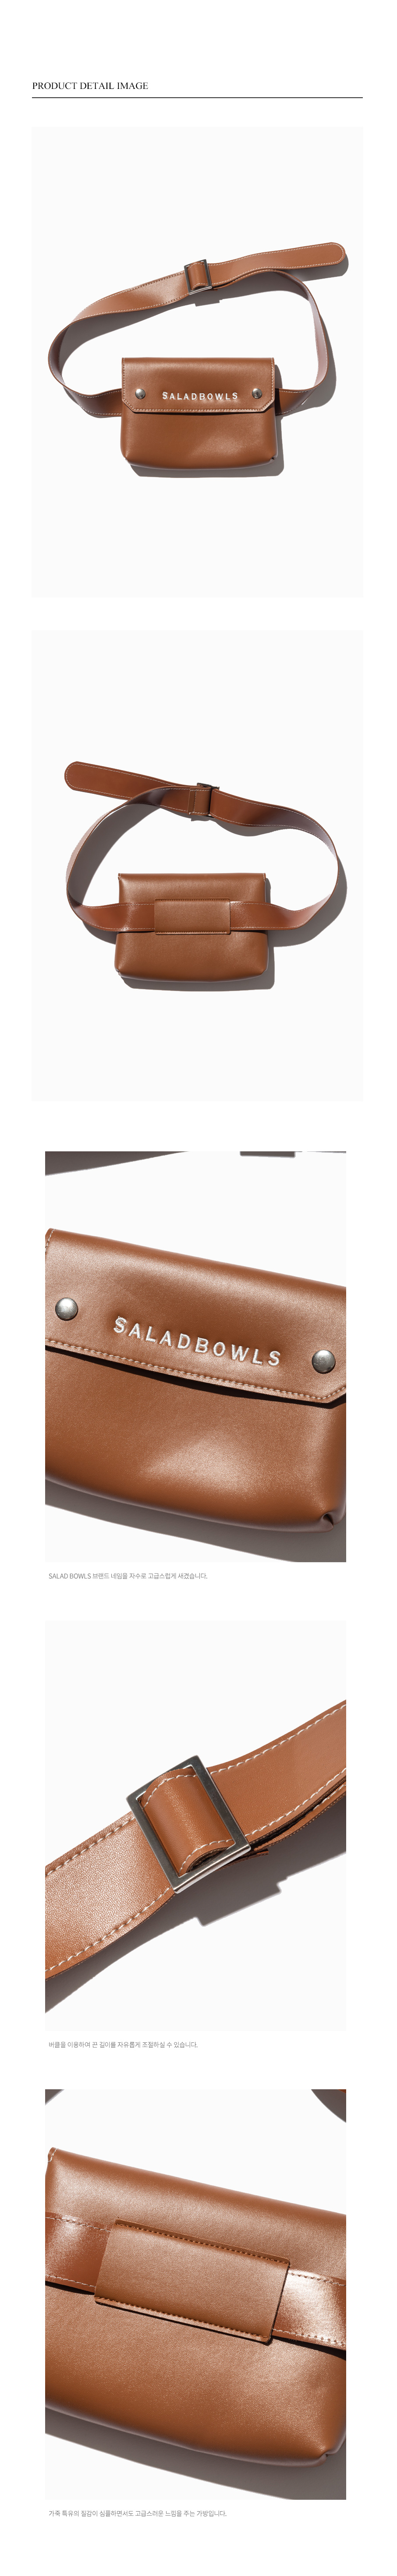 샐러드볼(SALAD BOWLS) SB 벨트 백 [브라운]